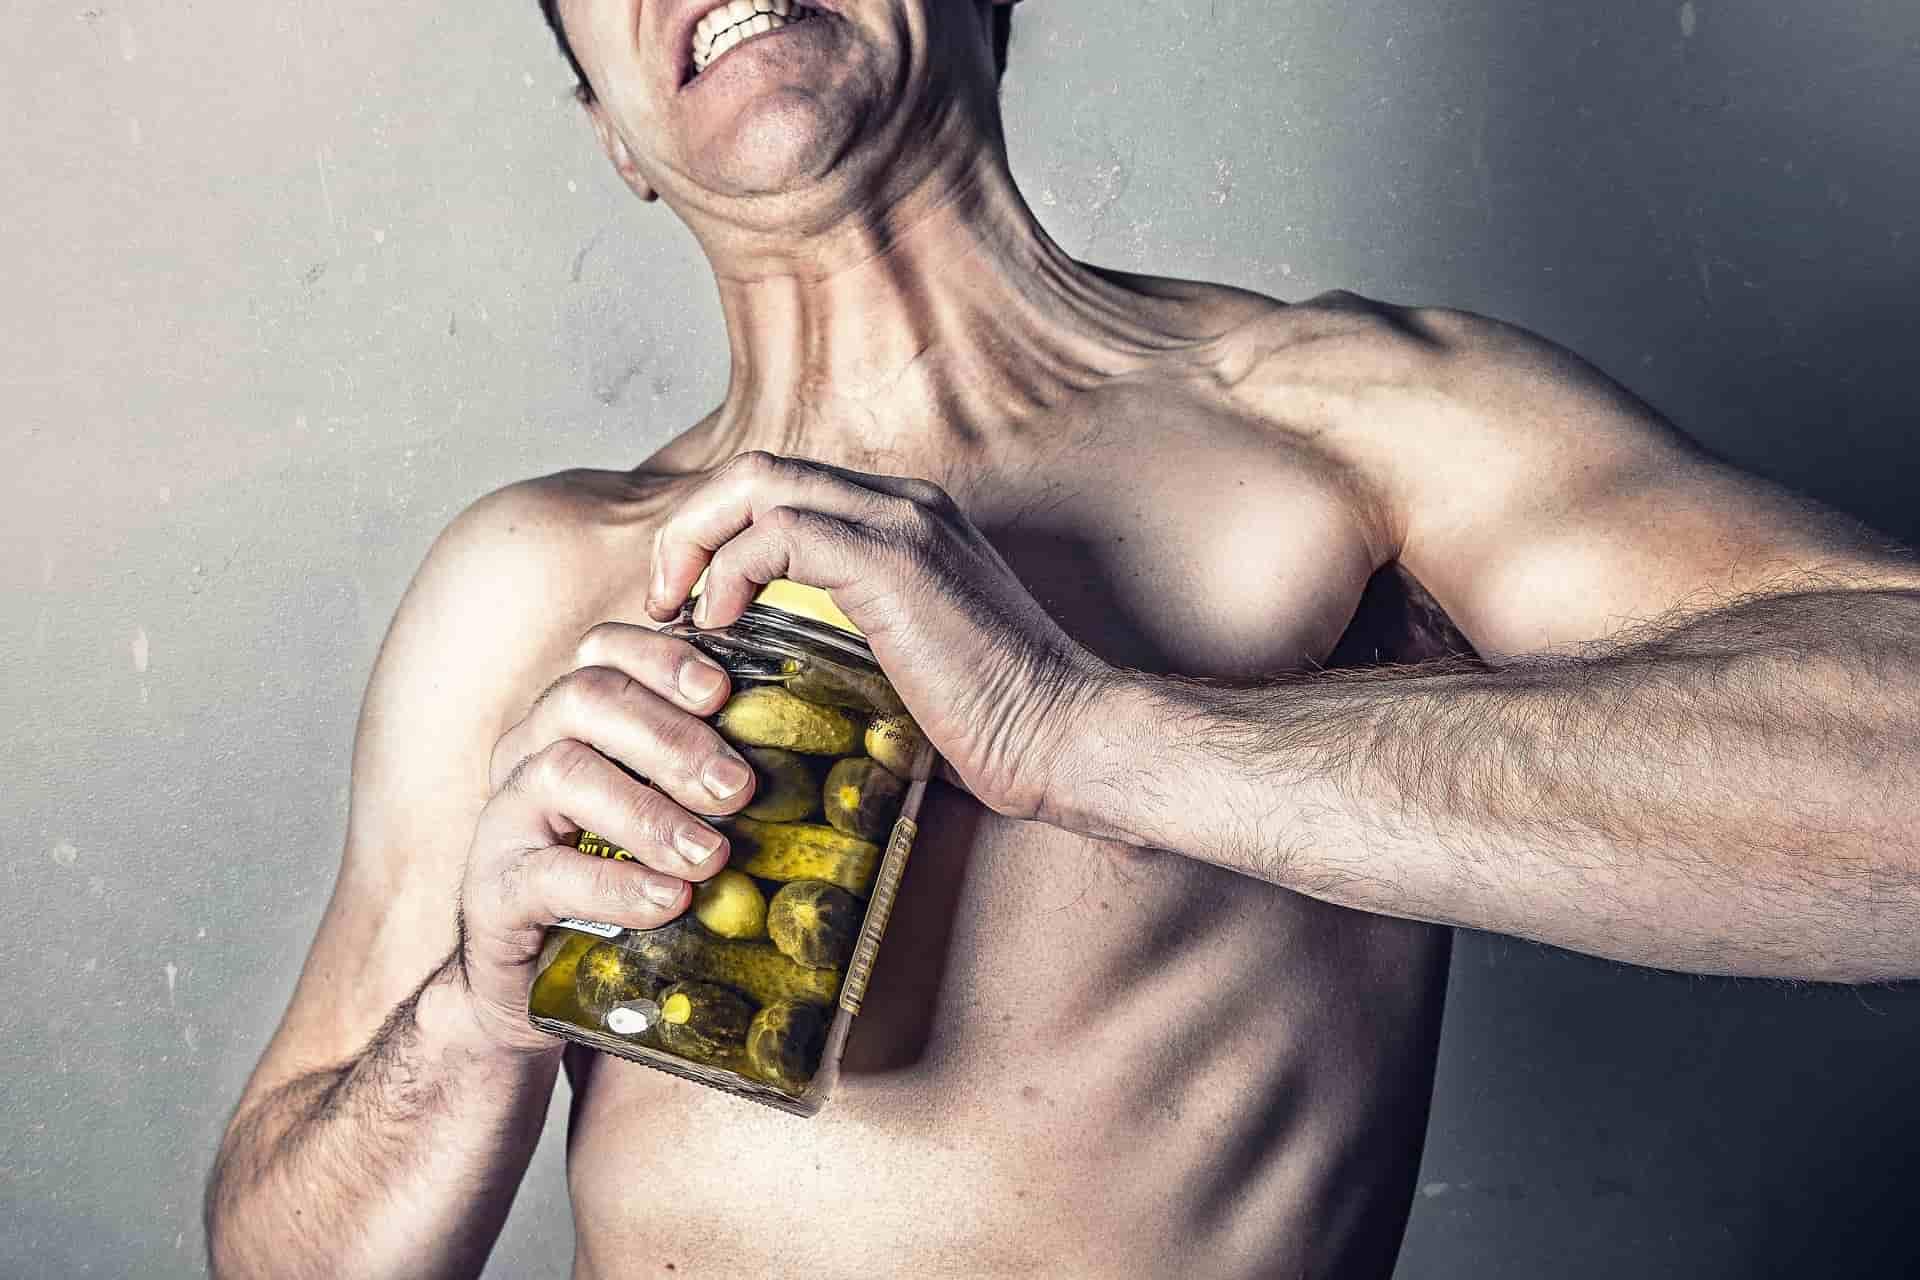 Les 10 muscles du corps les plus importants à renforcer